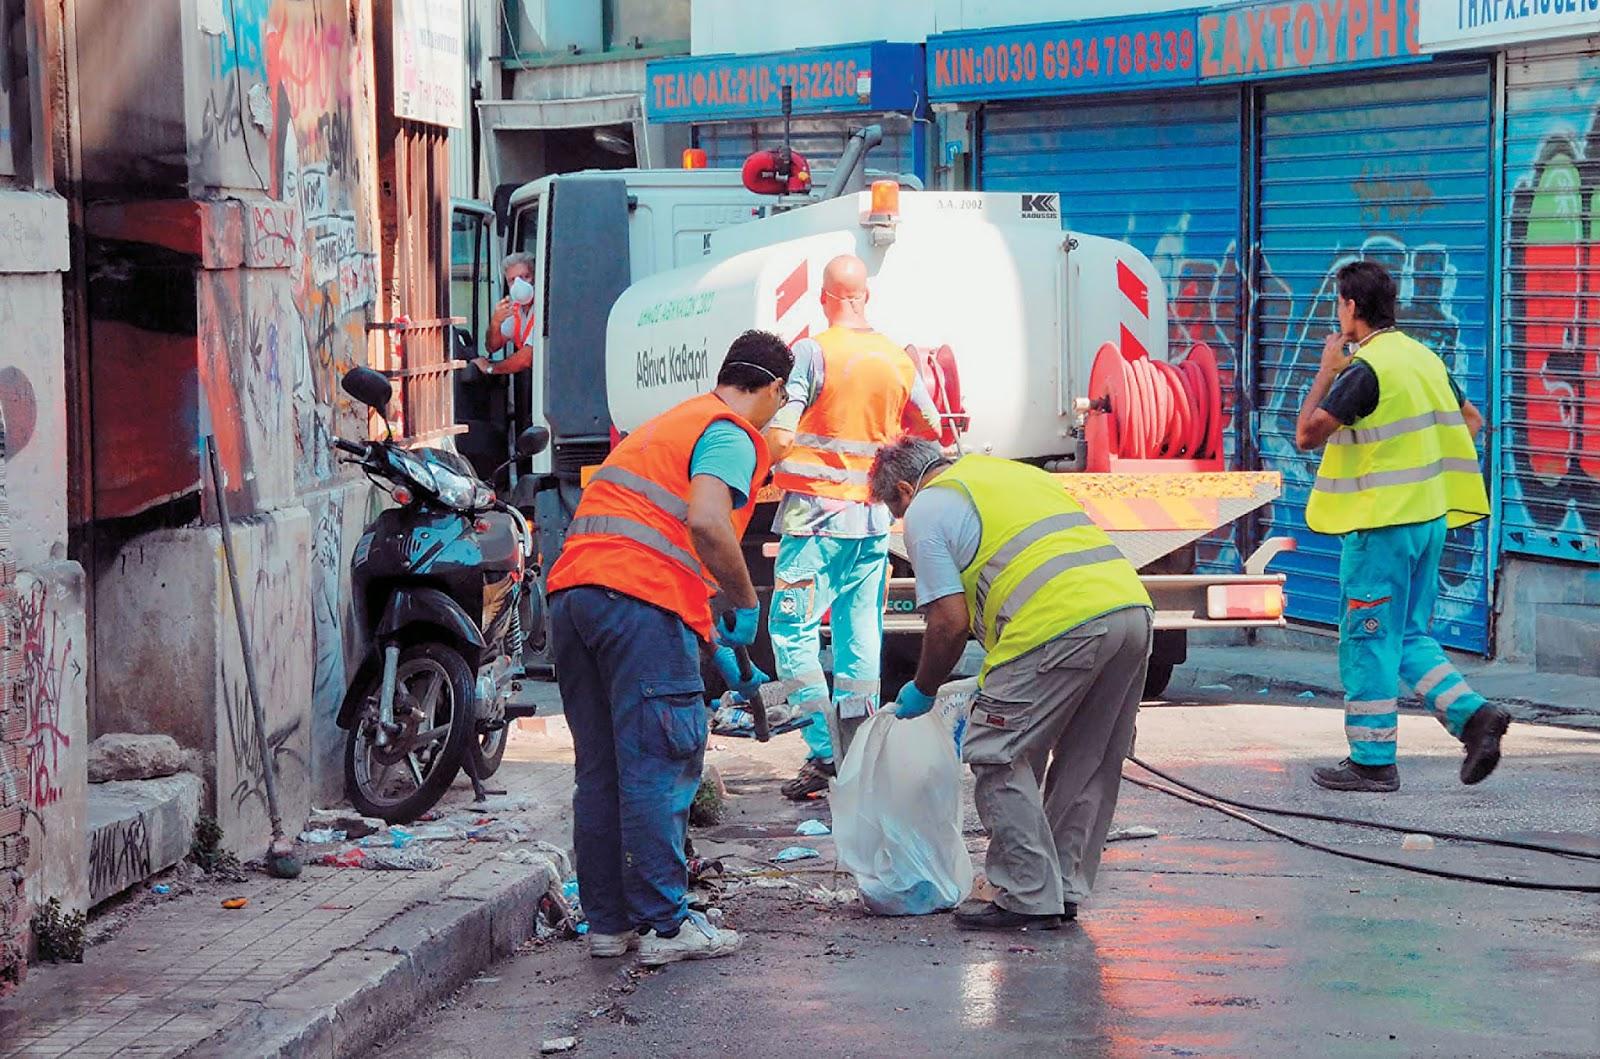 «Όχι» είπε το Πρωτοδικείο στους 147 συμβασιούχους καθαριότητας σε Δήμους της Χαλκιδικής